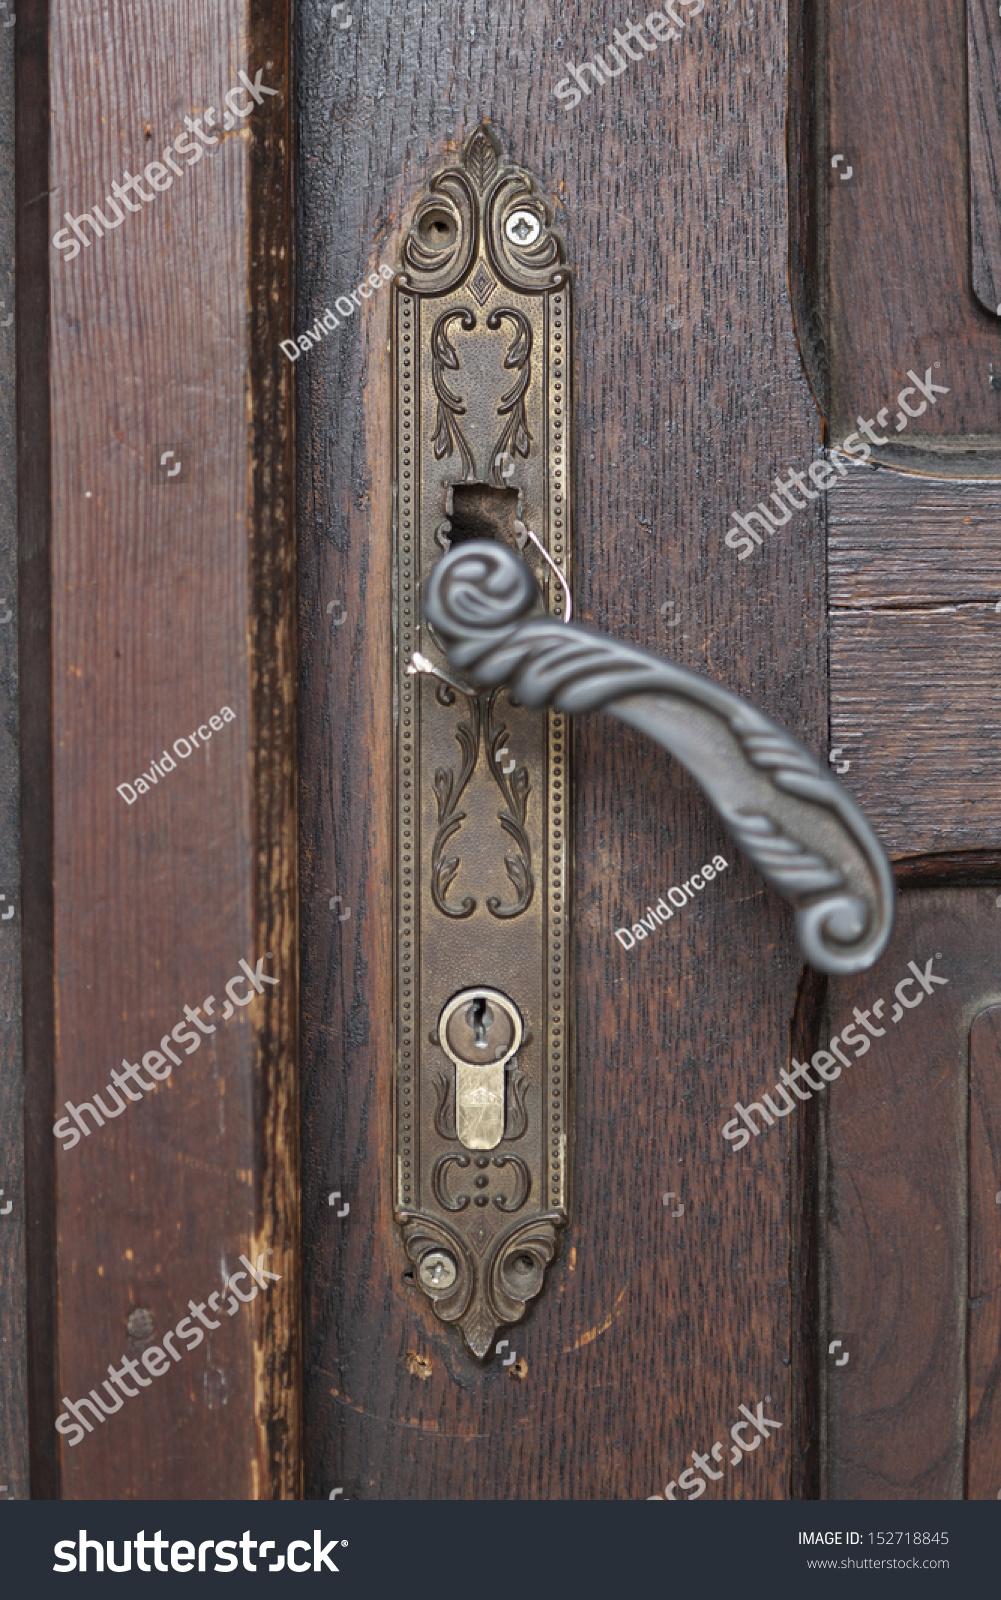 Old Door Handle Closeup On Old Stock Photo 152718845 - Shutterstock